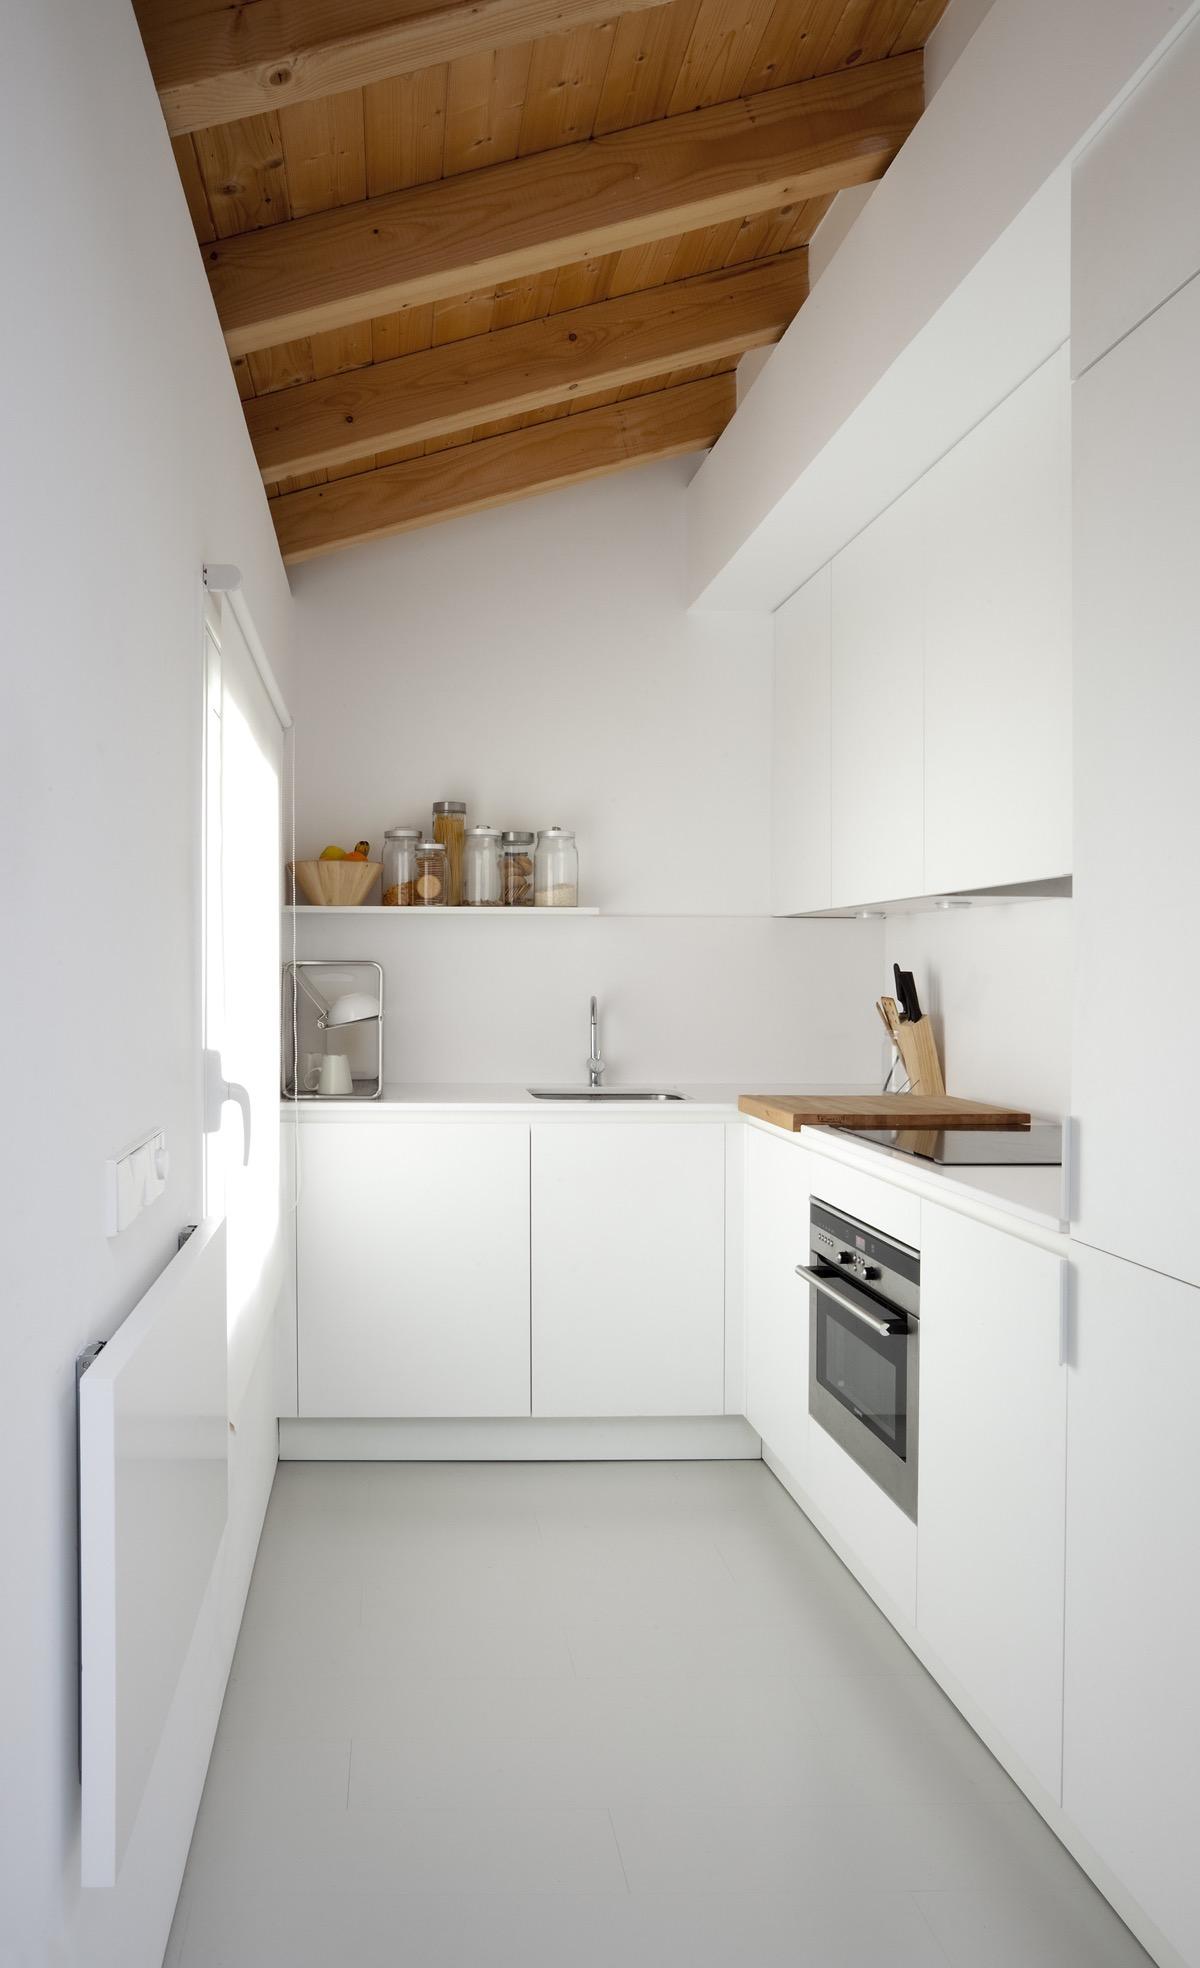 23 mẫu phòng bếp tối giản với tone màu trắng chủ đạo sẽ khiến bạn không thể không yêu - Ảnh 20.